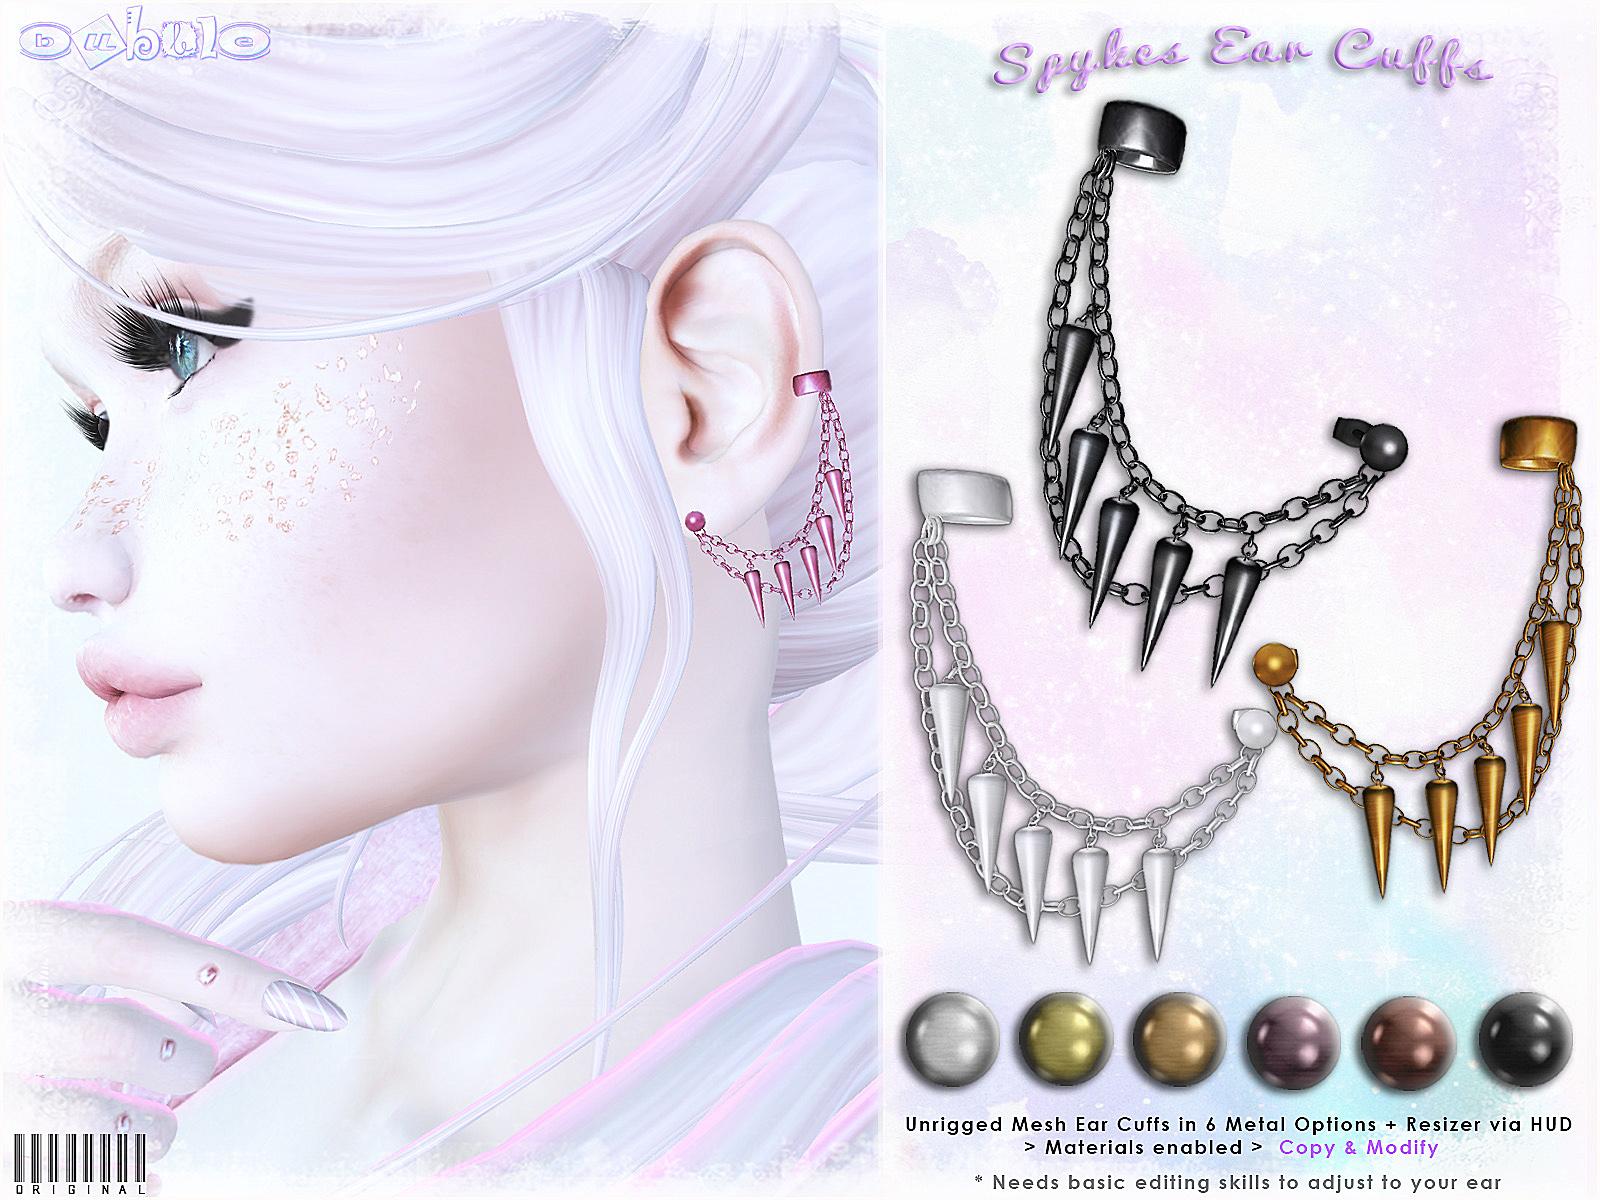 Spykes Ear Cuffs AD.jpg